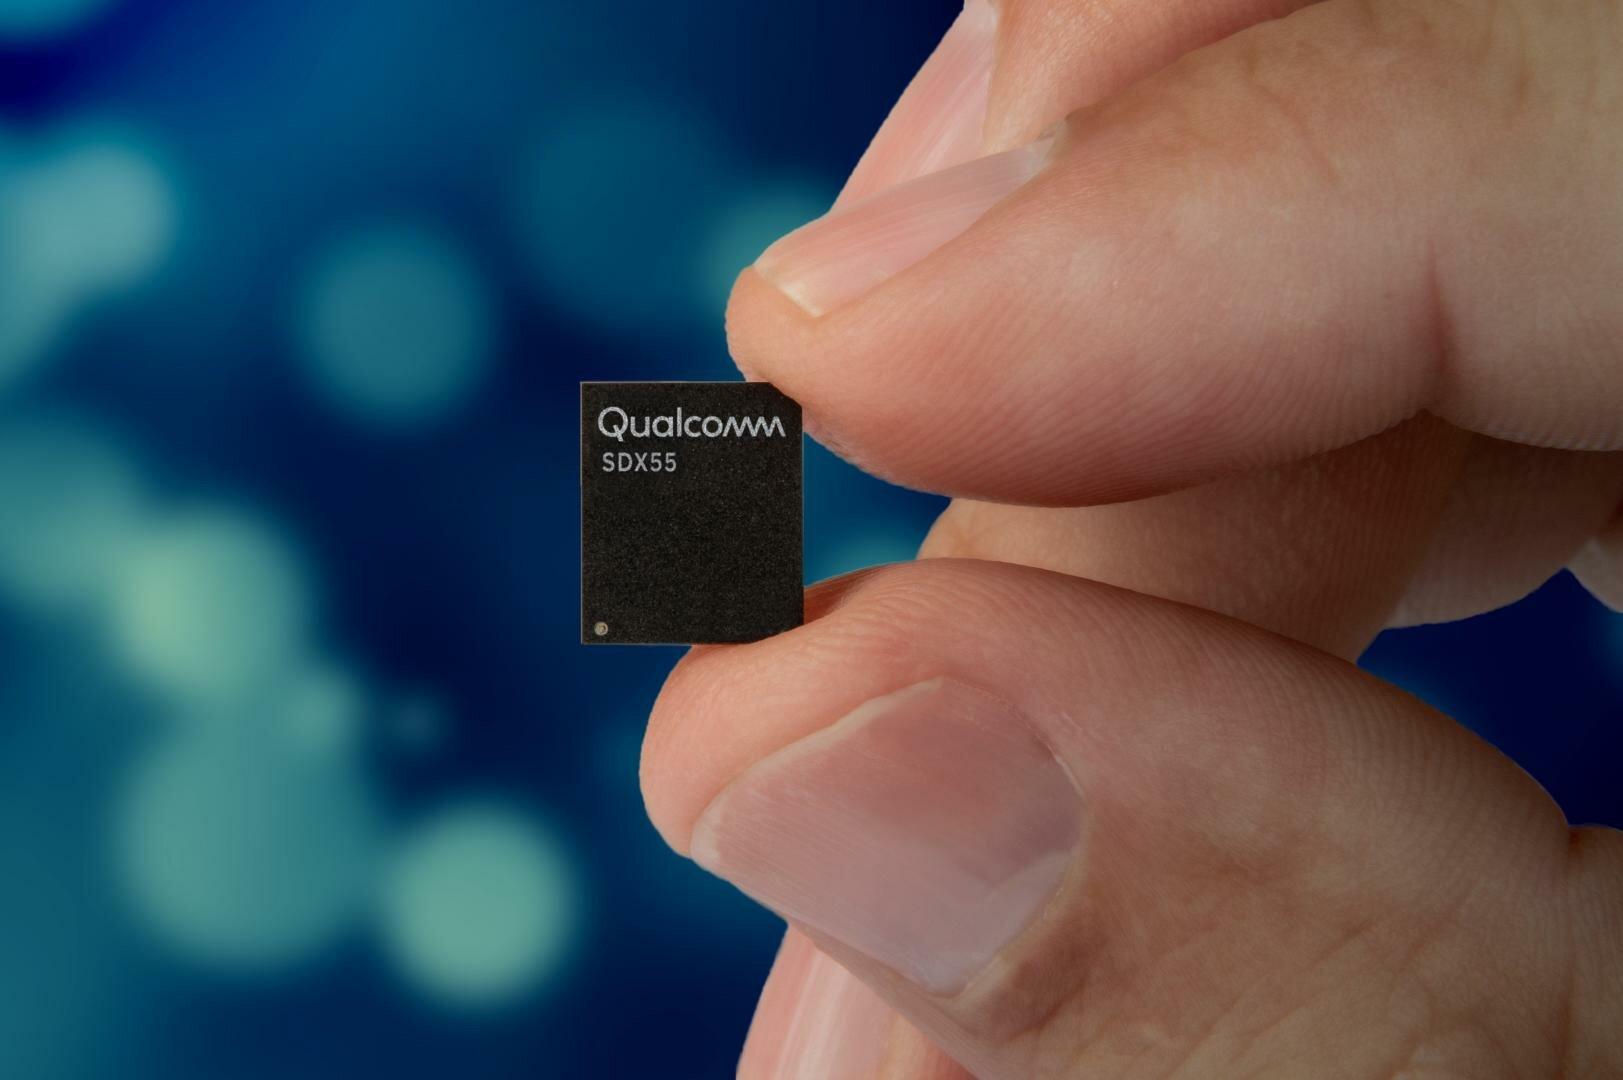 Das Snapdragon X55 will Qualcomm in ein zukünftiges SoC integrieren